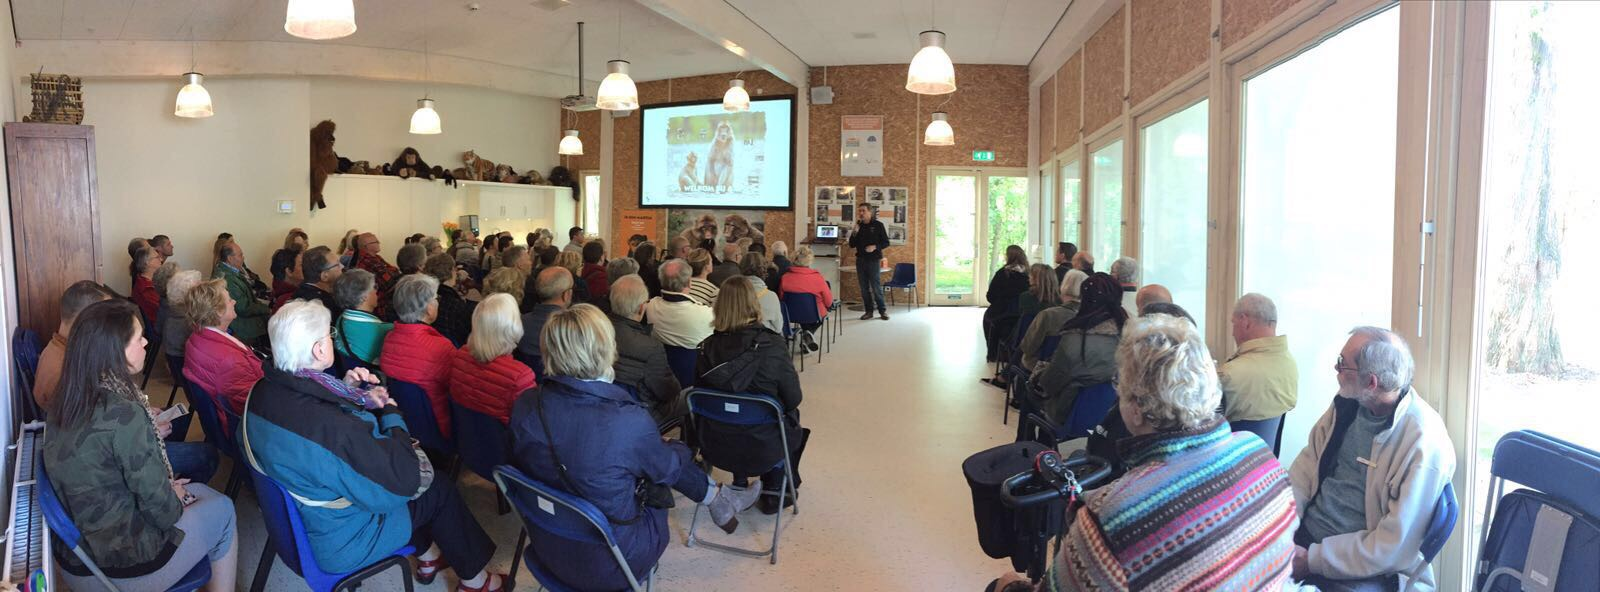 Directeur David van Gennep in actie.